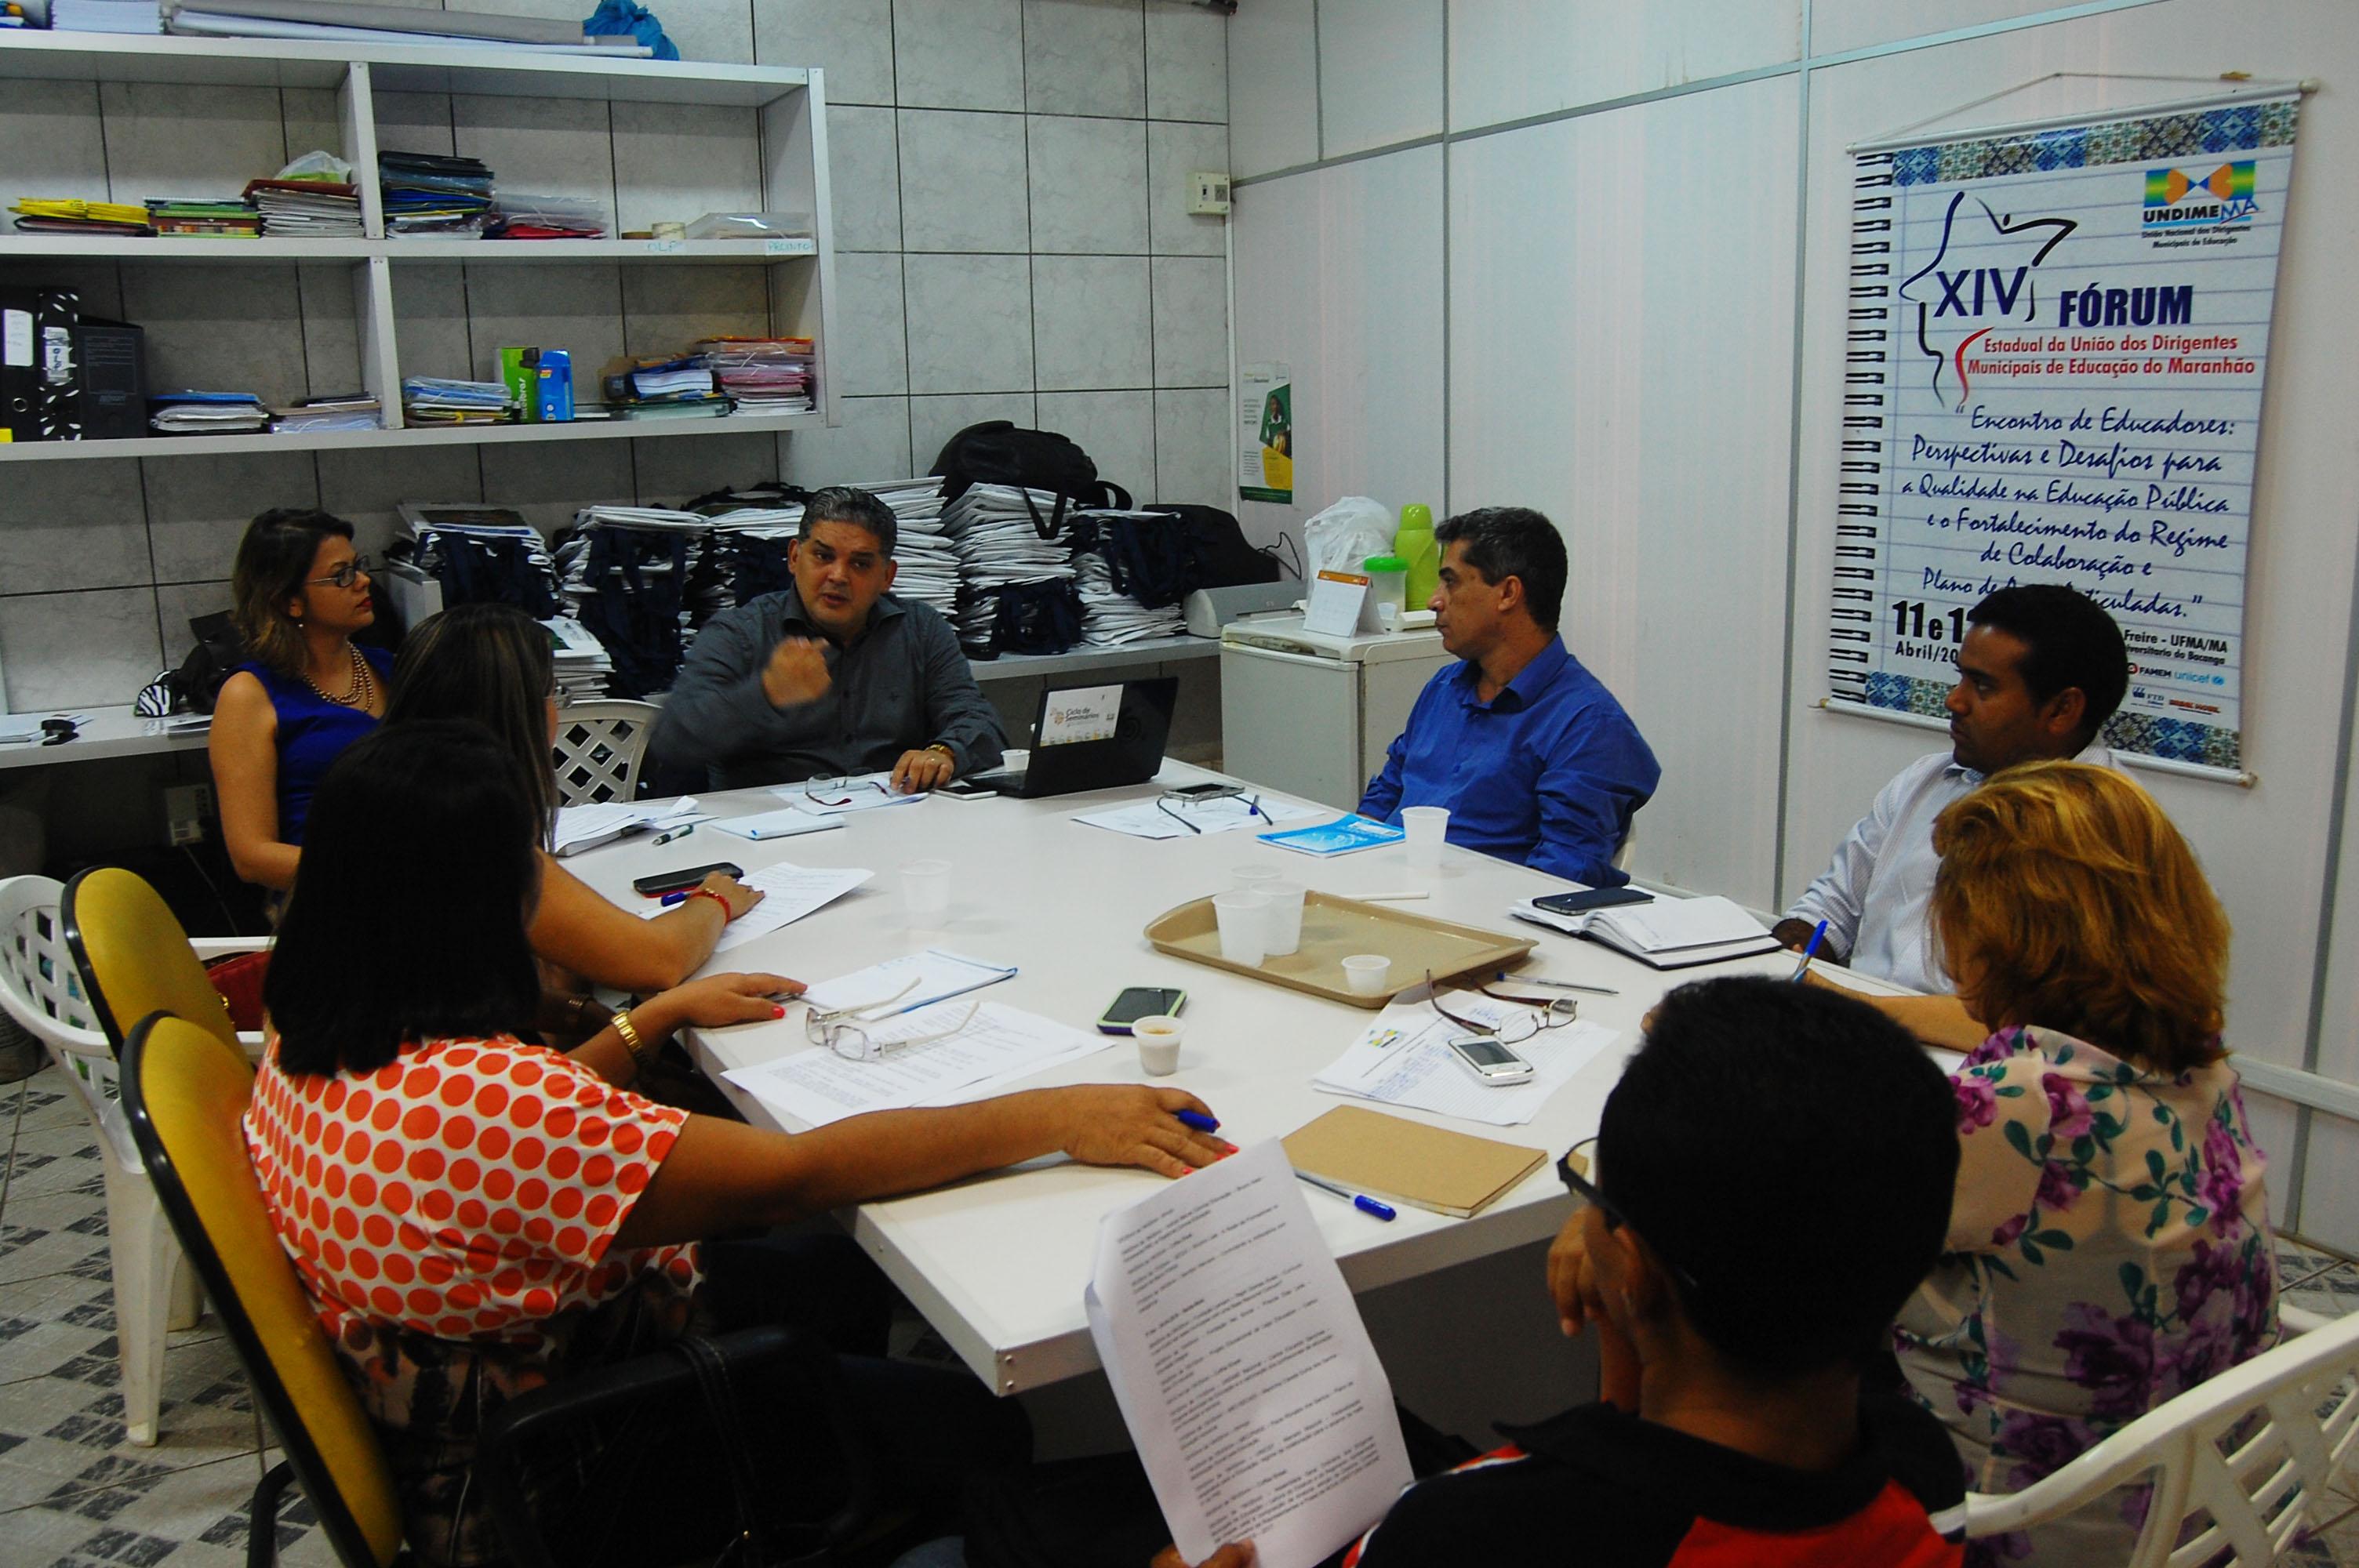 A realização do evento foi assegurada em reunião da diretoria executiva da Undime-MA, realizada na última sexta-feira, 17 de abril